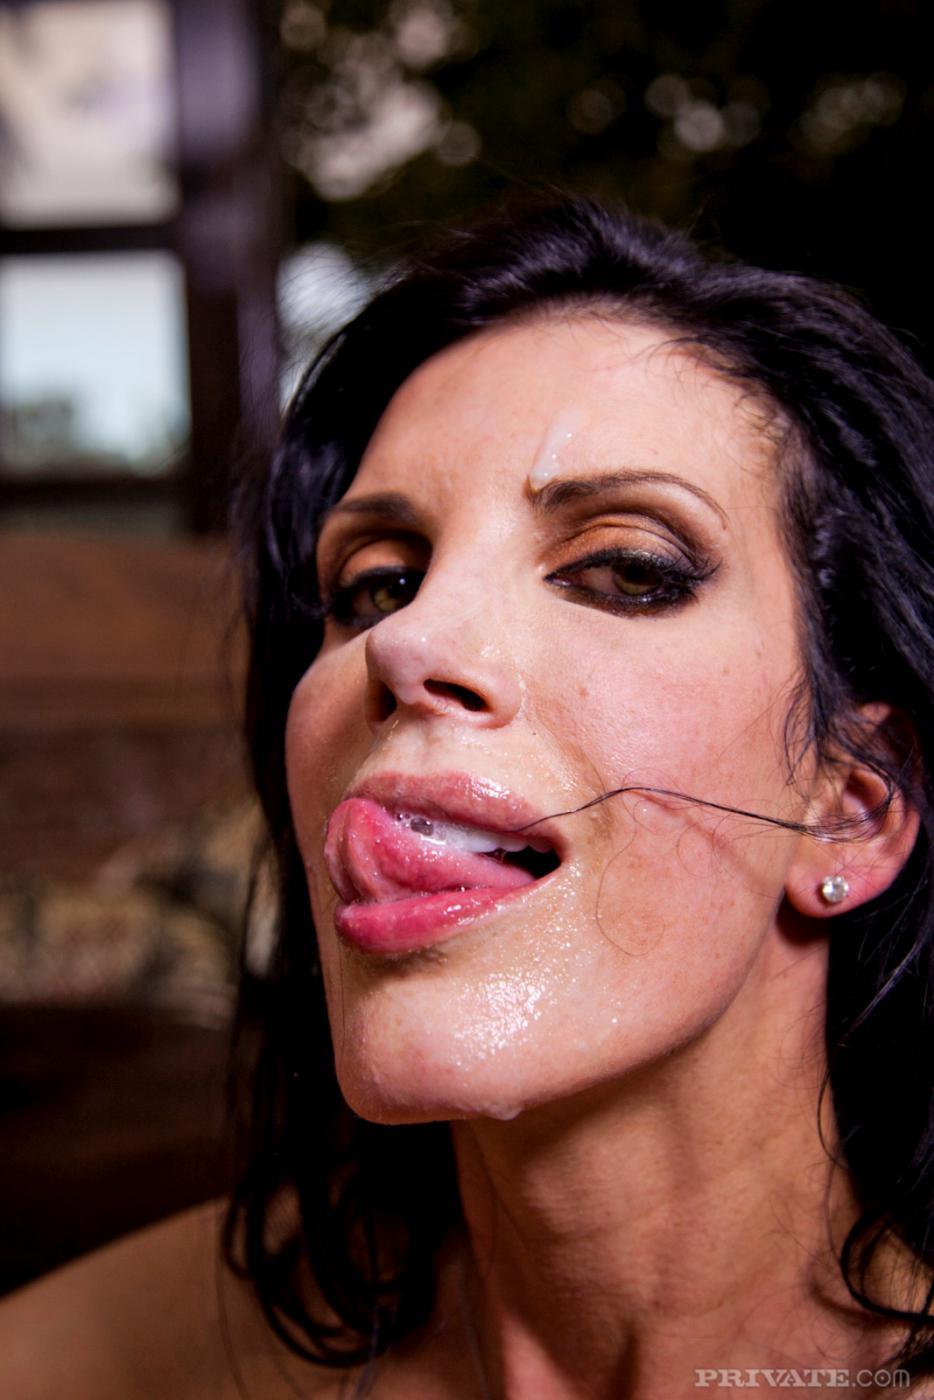 Любительница спермы, мамочка-брюнетка с большой грудью и длинными ножками Shay Sights дает трахнуть свою бритую киску